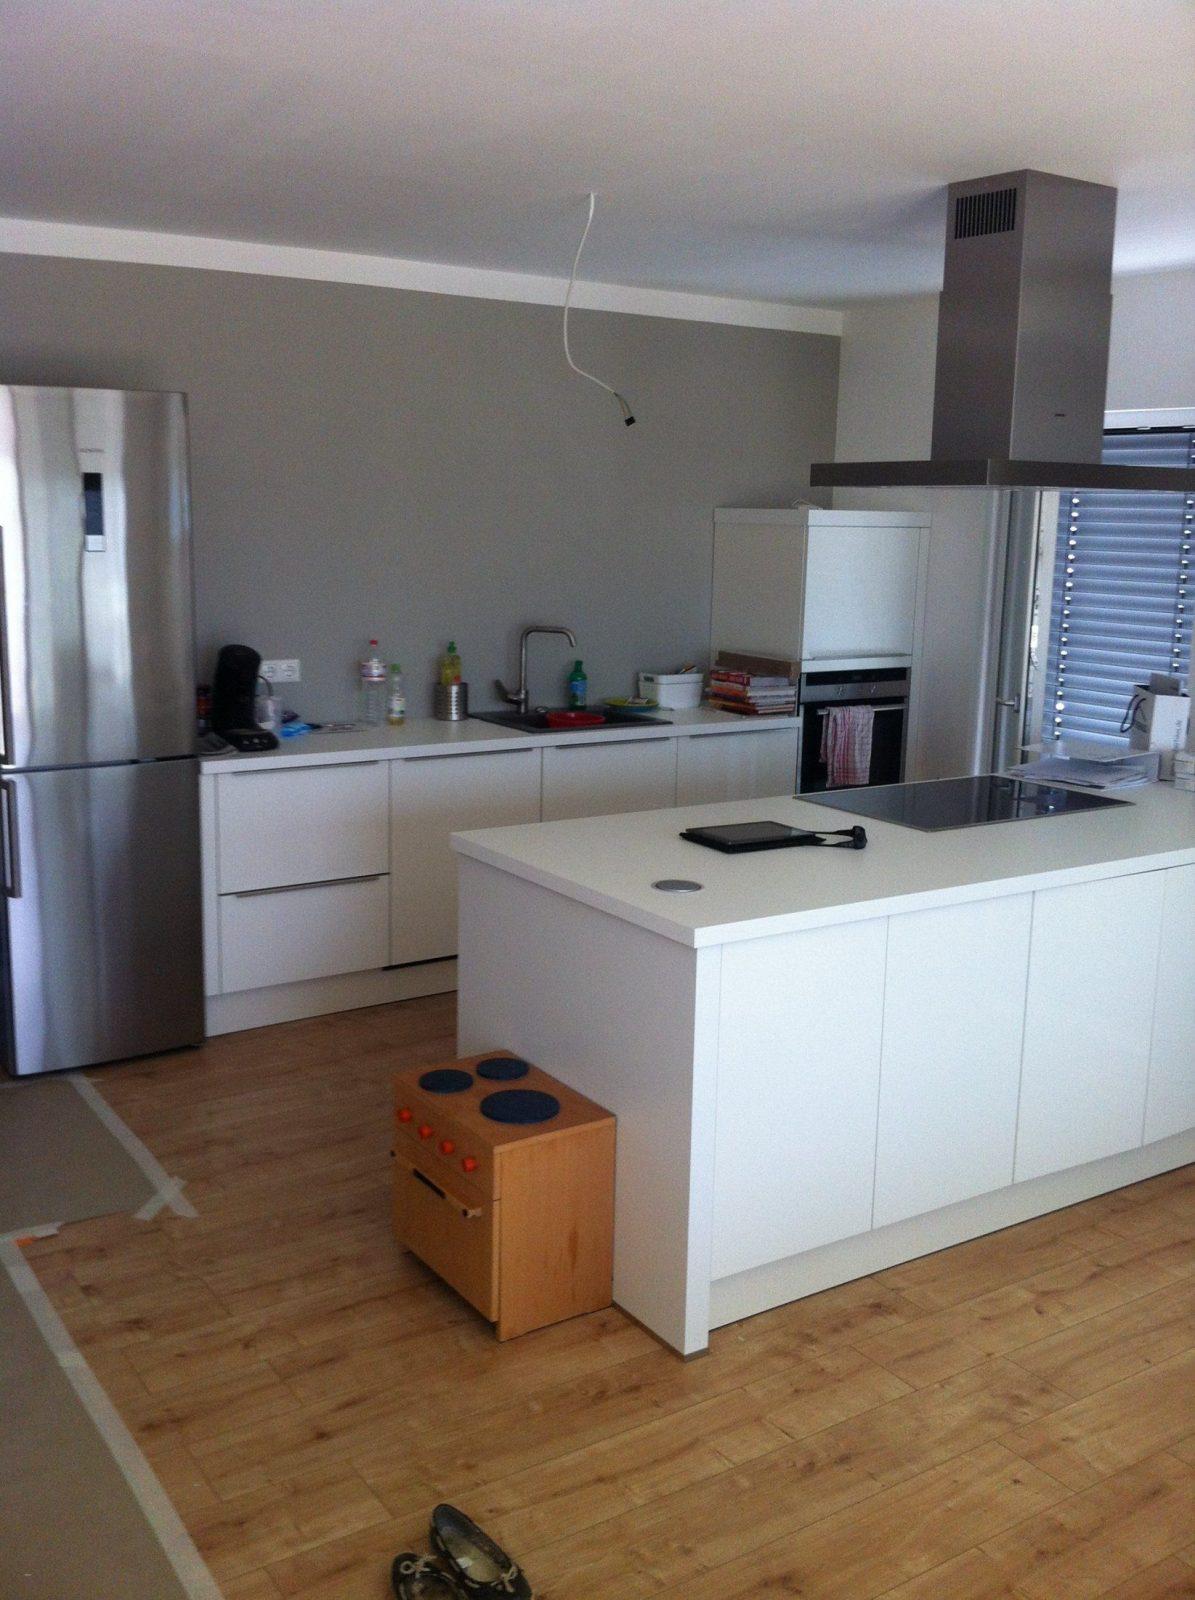 Abwaschbare Wand Stilvoll Farbe Für Küchenrückwand Streichen von Abwaschbare Farbe Für Küche Photo